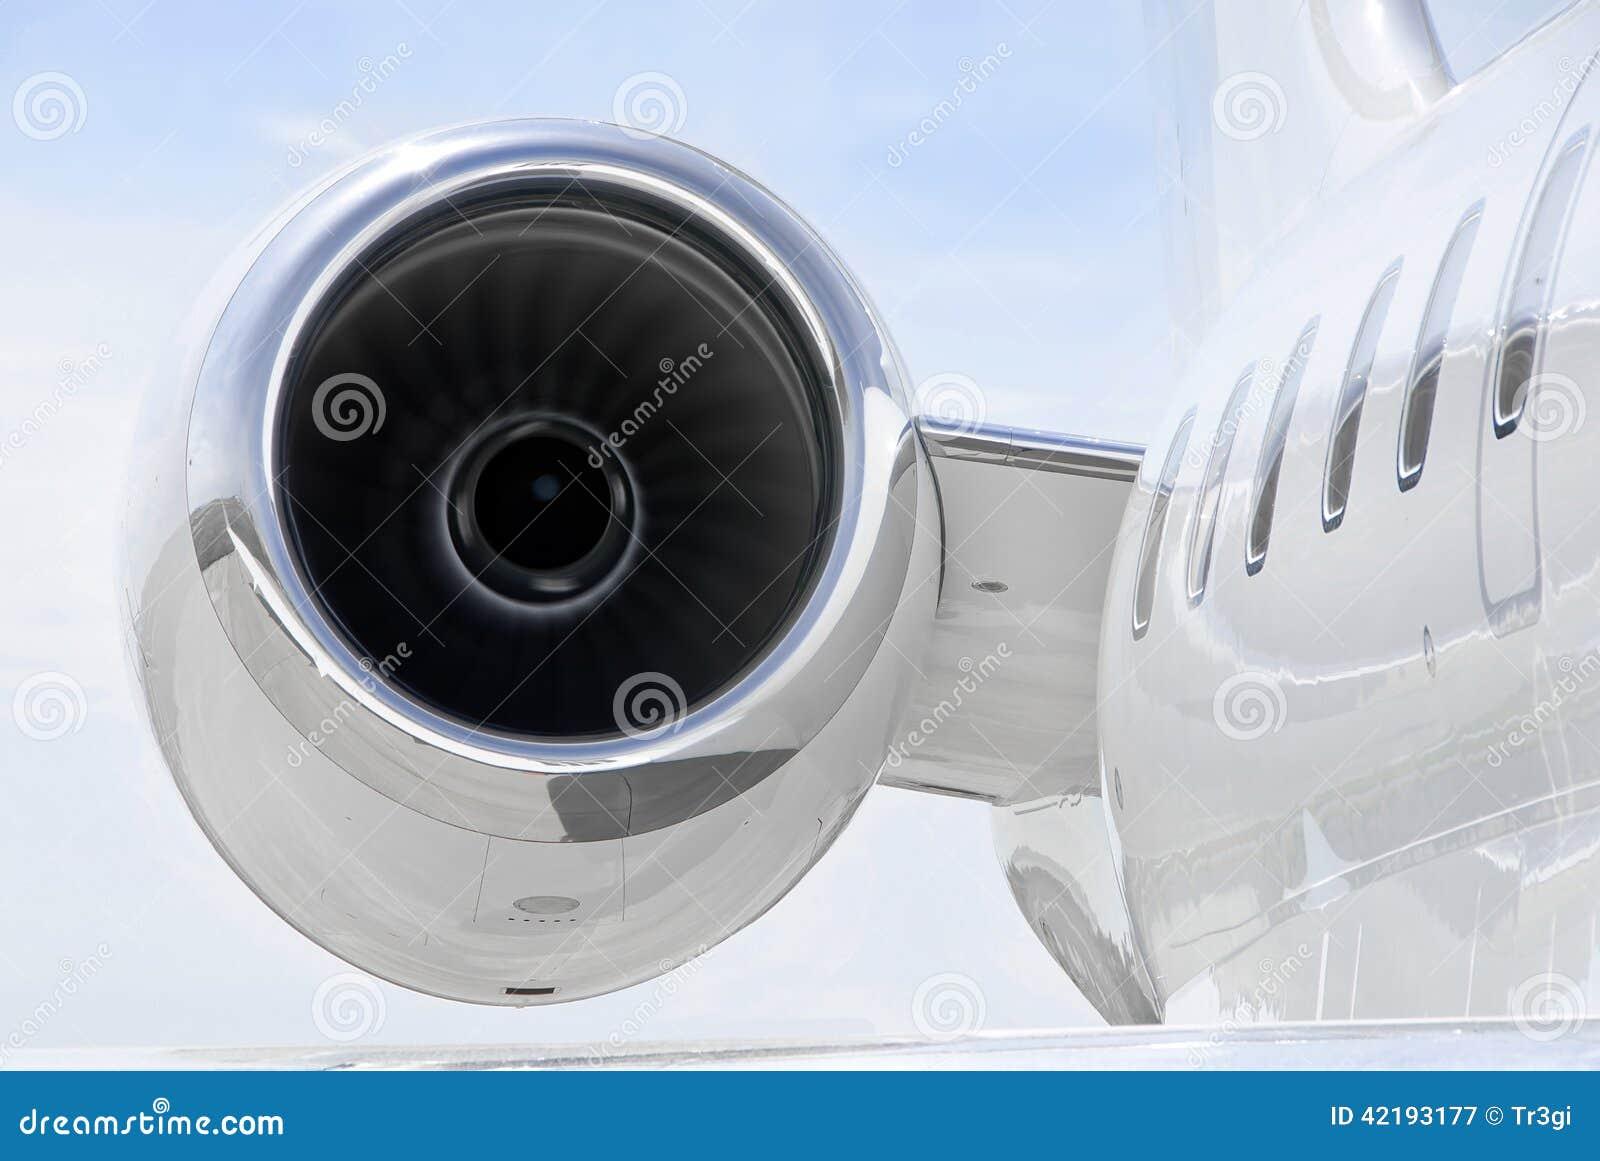 Aereo Privato Di Lusso : Eseguendo jet engine su privato di lusso bombardiere